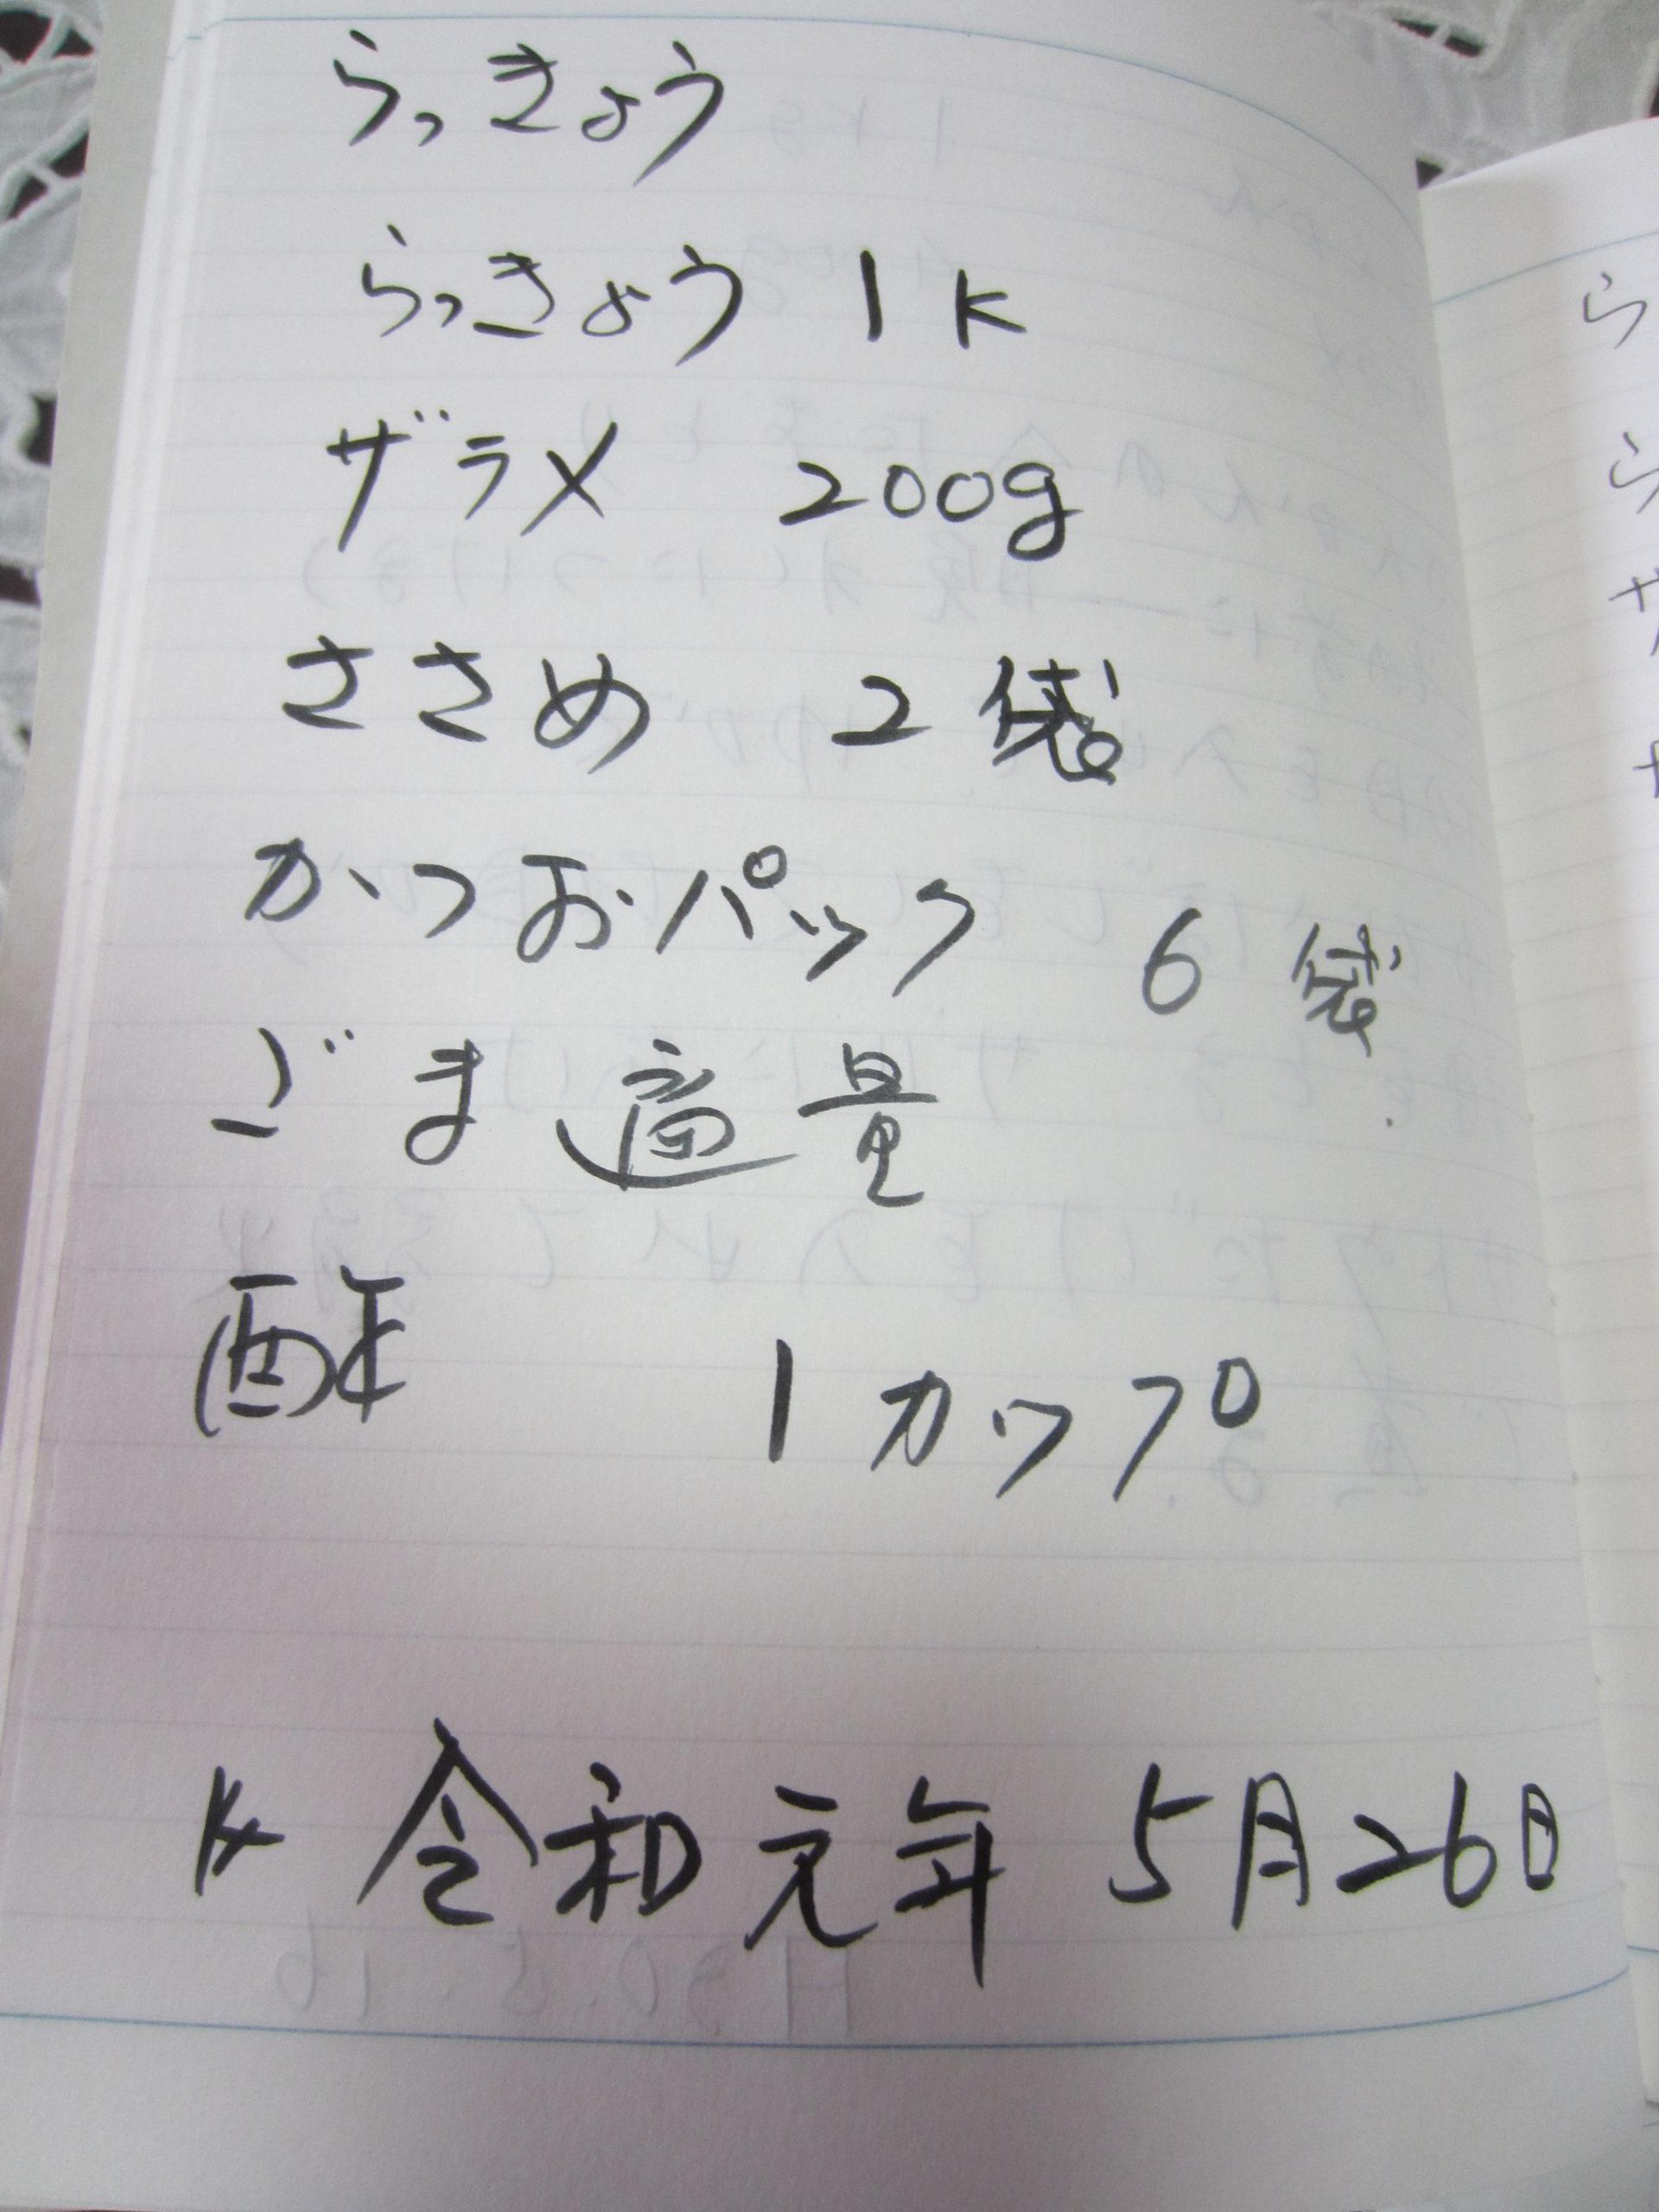 啓代さんのこのレシピをもとに作りました!